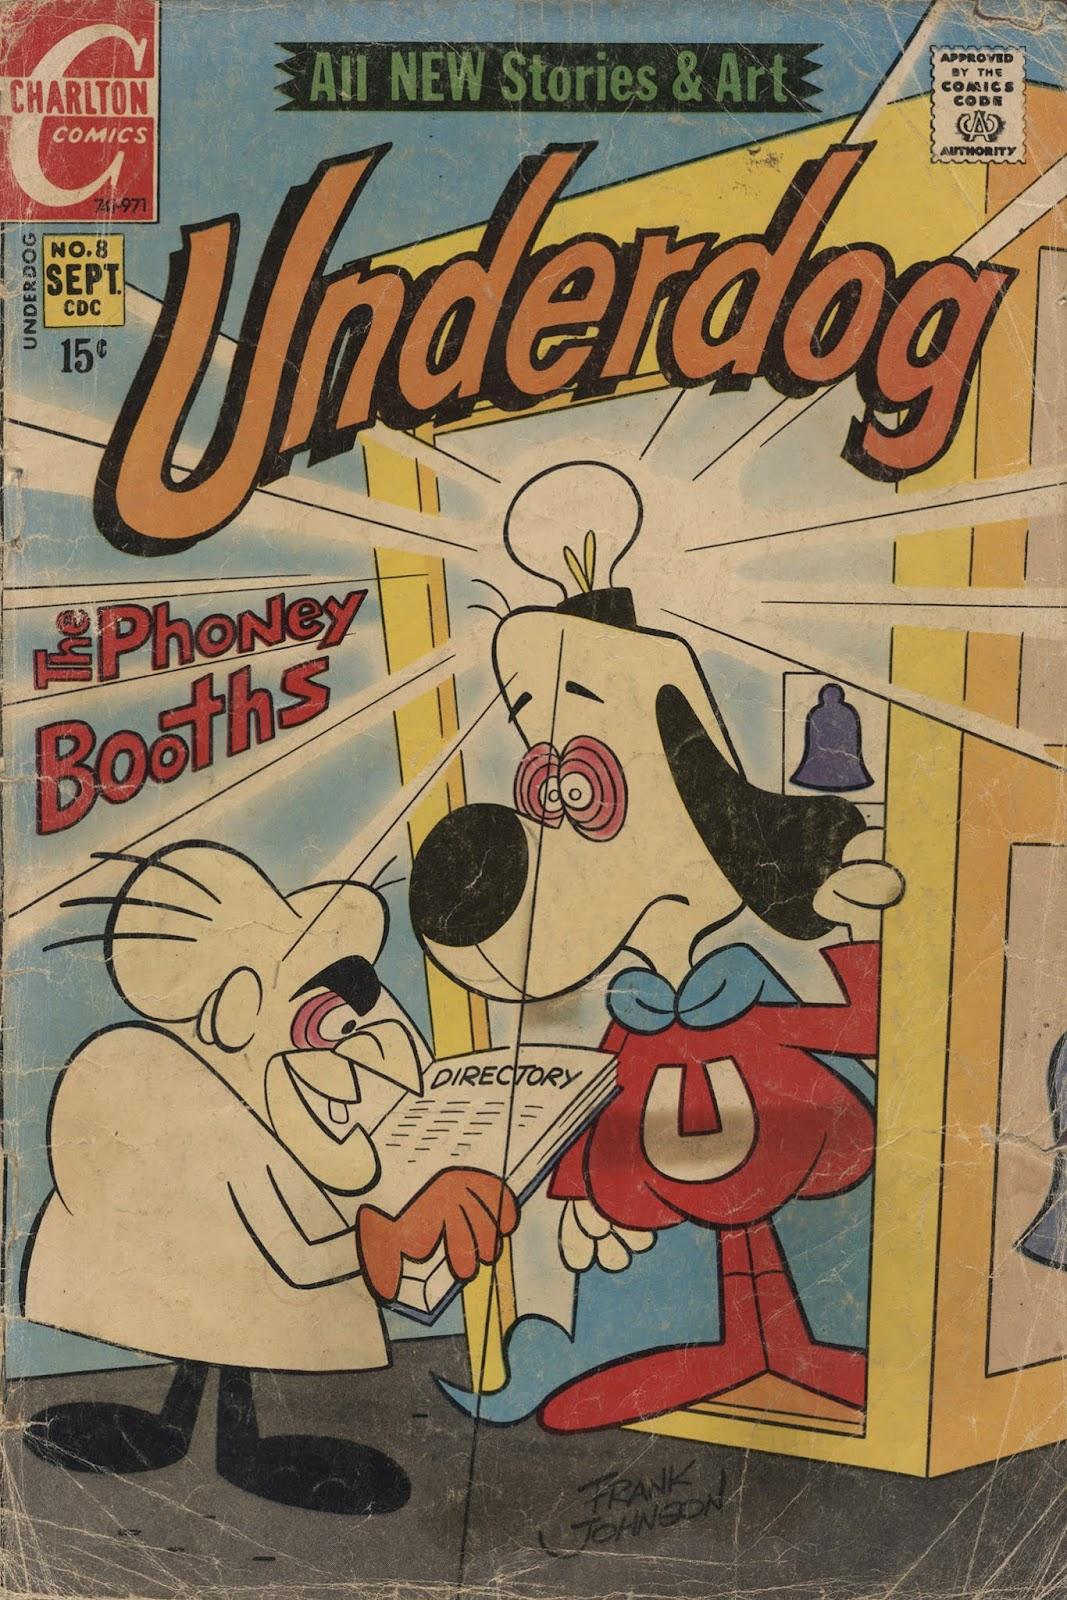 Underdog (1970) issue 8 - Page 1